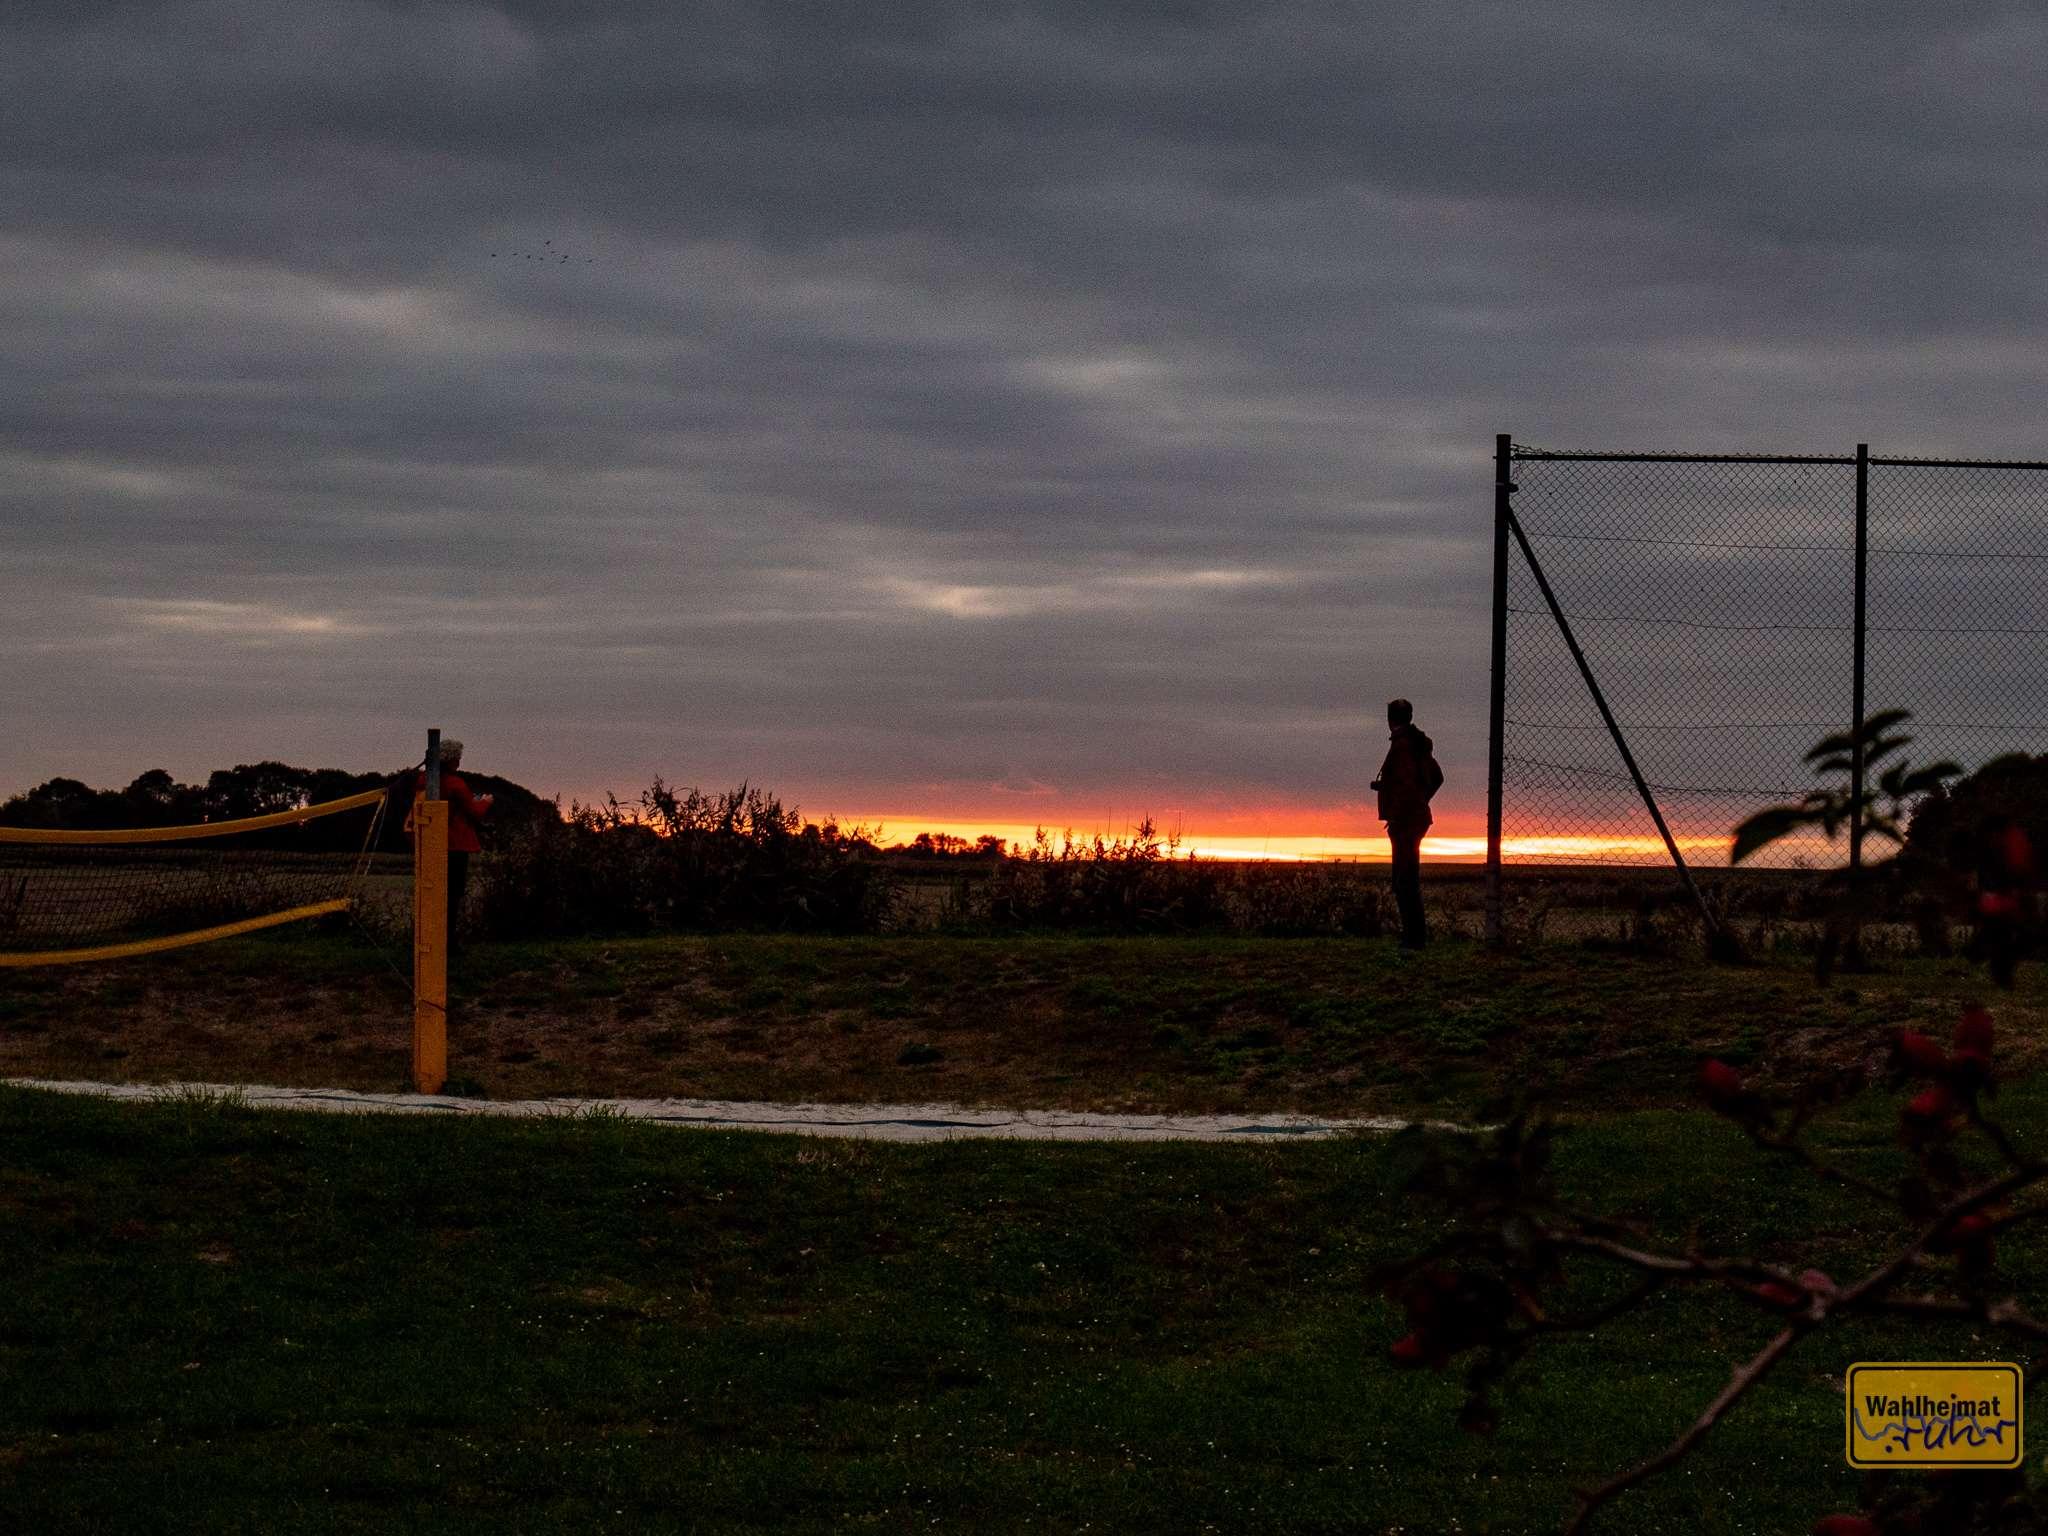 Elke und Jürgen genießen den Sonnenuntergang.